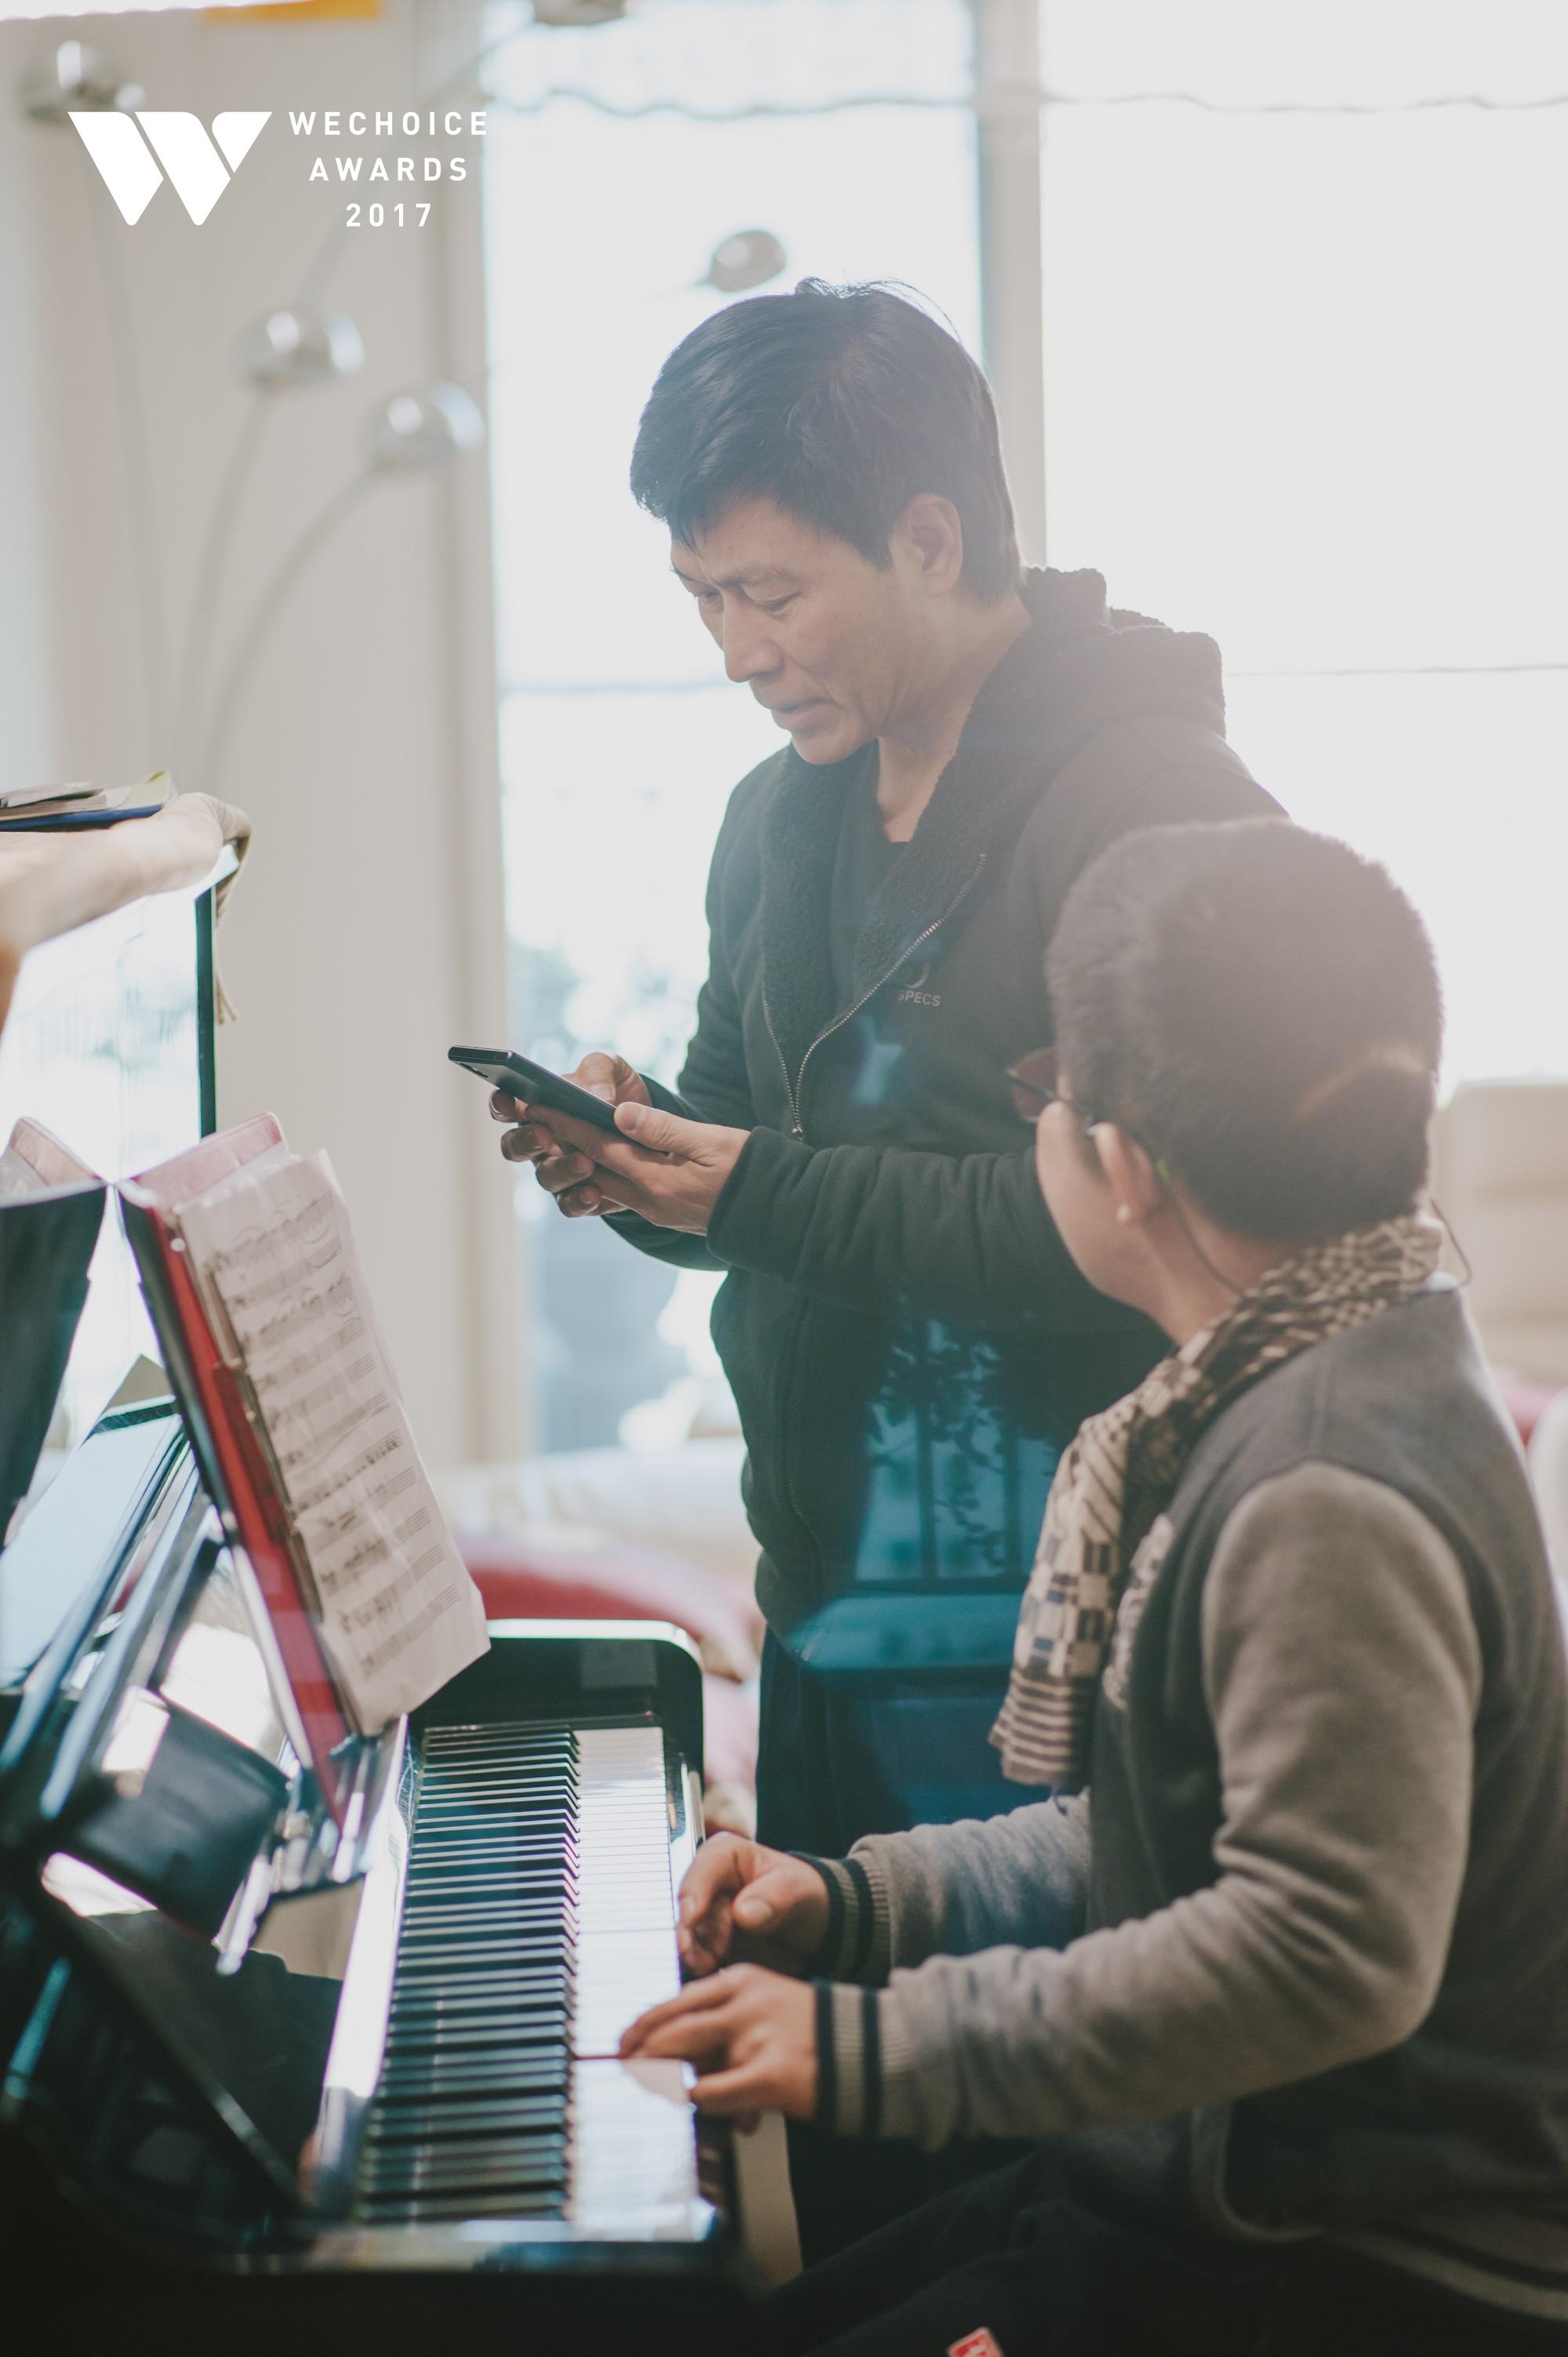 Khoảnh khắc đẹp: Sơn Tùng và bé Bôm hoà chung đam mê qua tiếng đàn, tập luyện cho sân khấu đặc biệt Gala WeChoice Awards 2017 - Ảnh 7.